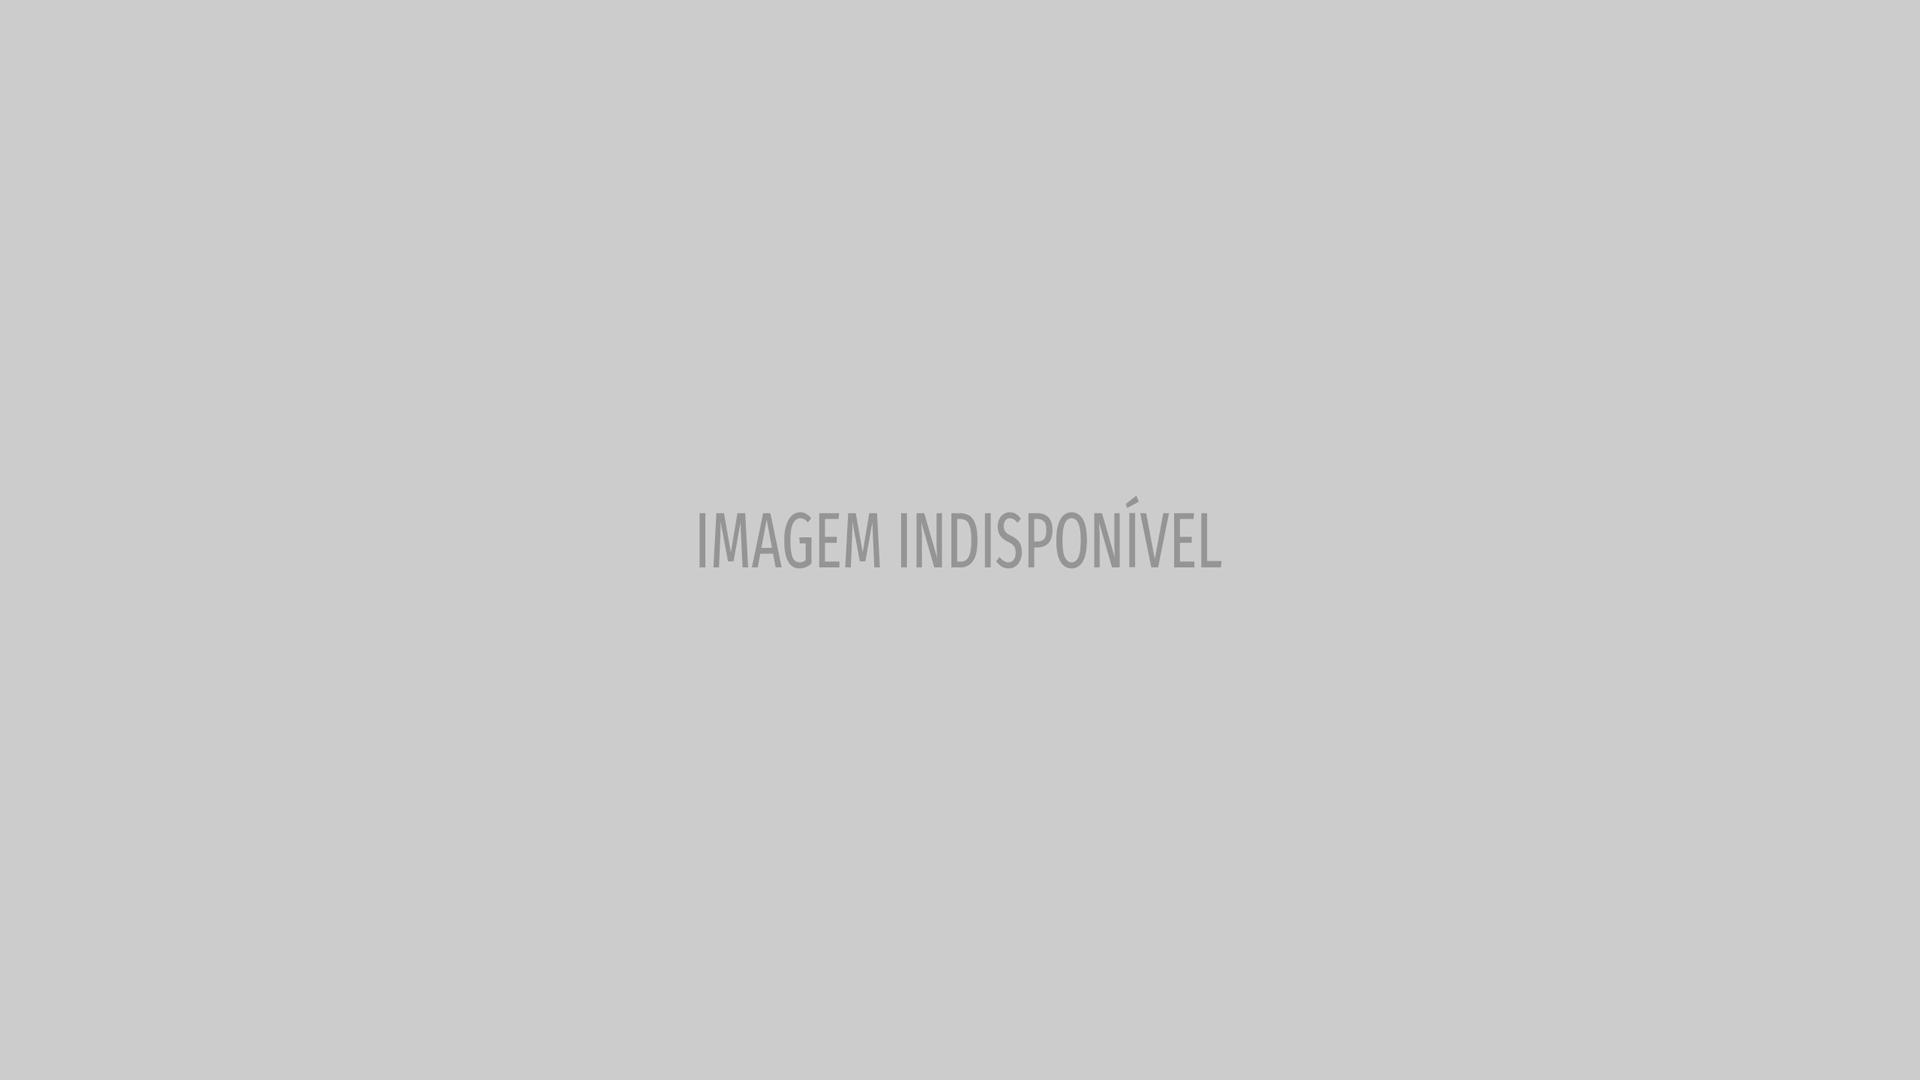 Barcelona posta foto de Messi sem camisa e revela tatuagem ousada